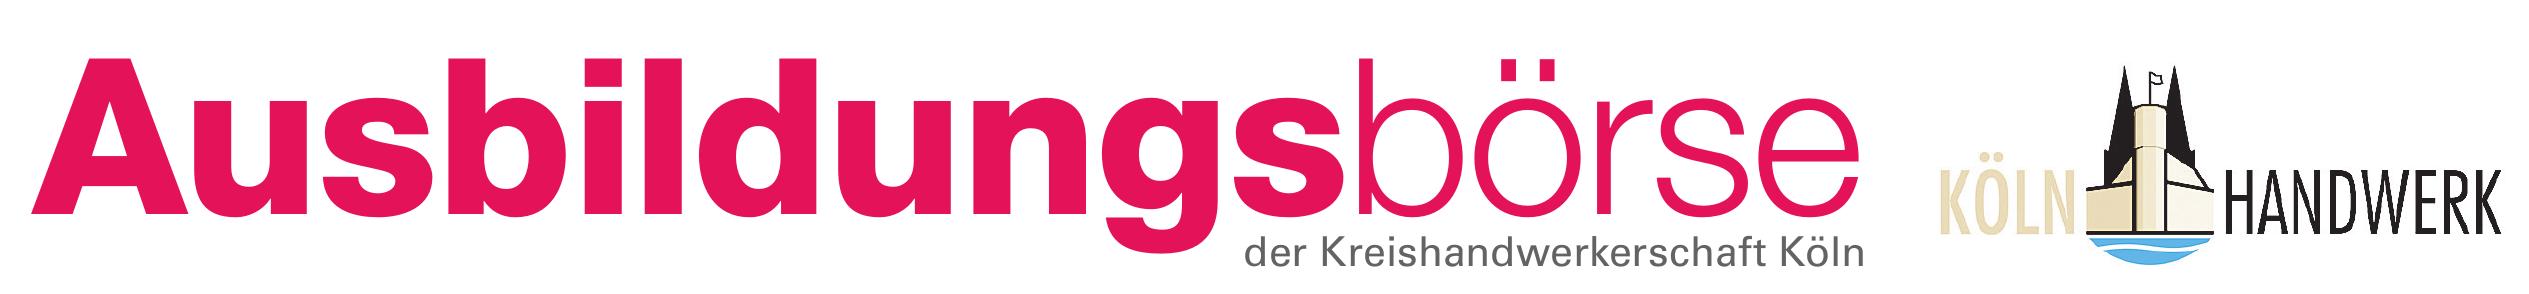 13. Ausbildungsbörse der Kreishandwerkerschaft Köln im Historischen Rathaus Image 1